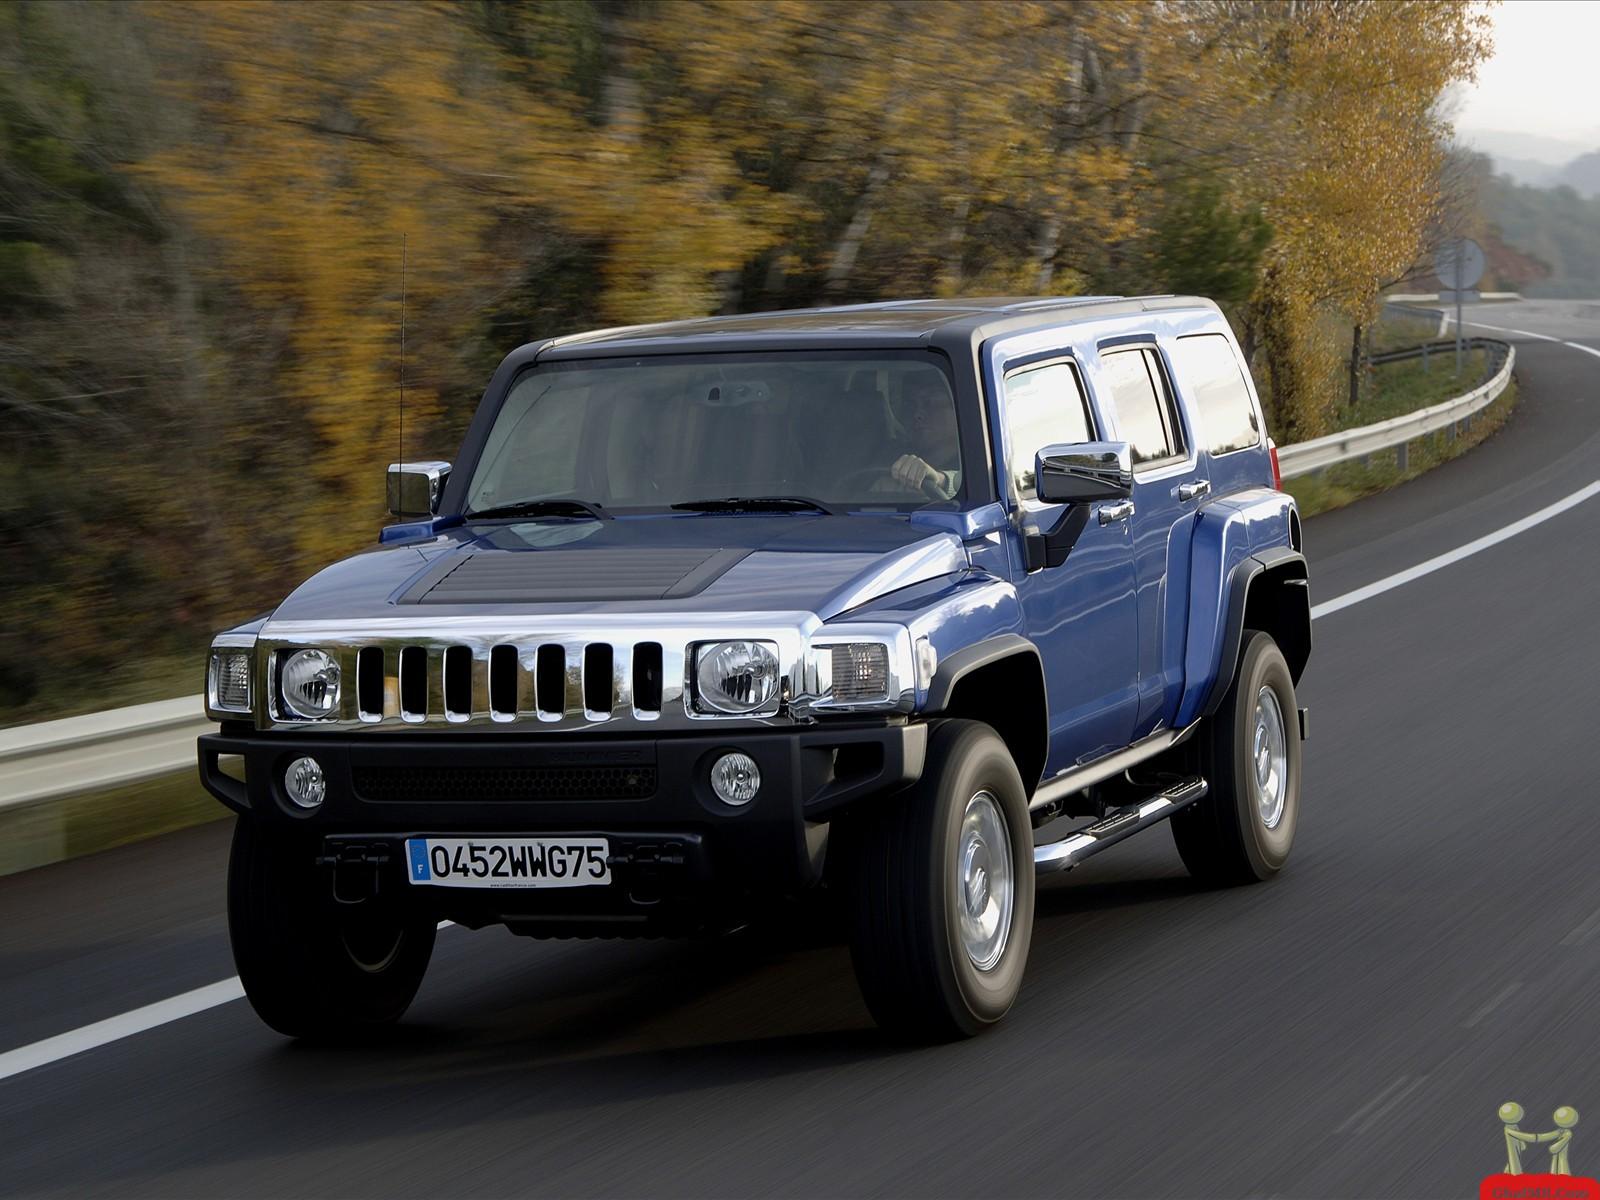 http://3.bp.blogspot.com/-fw6KiTy37aM/UEdIlqZ7ObI/AAAAAAAAEU8/7QKnFTF9ALw/s1600/blue-hummer-truck-hd-wallpaper.jpg